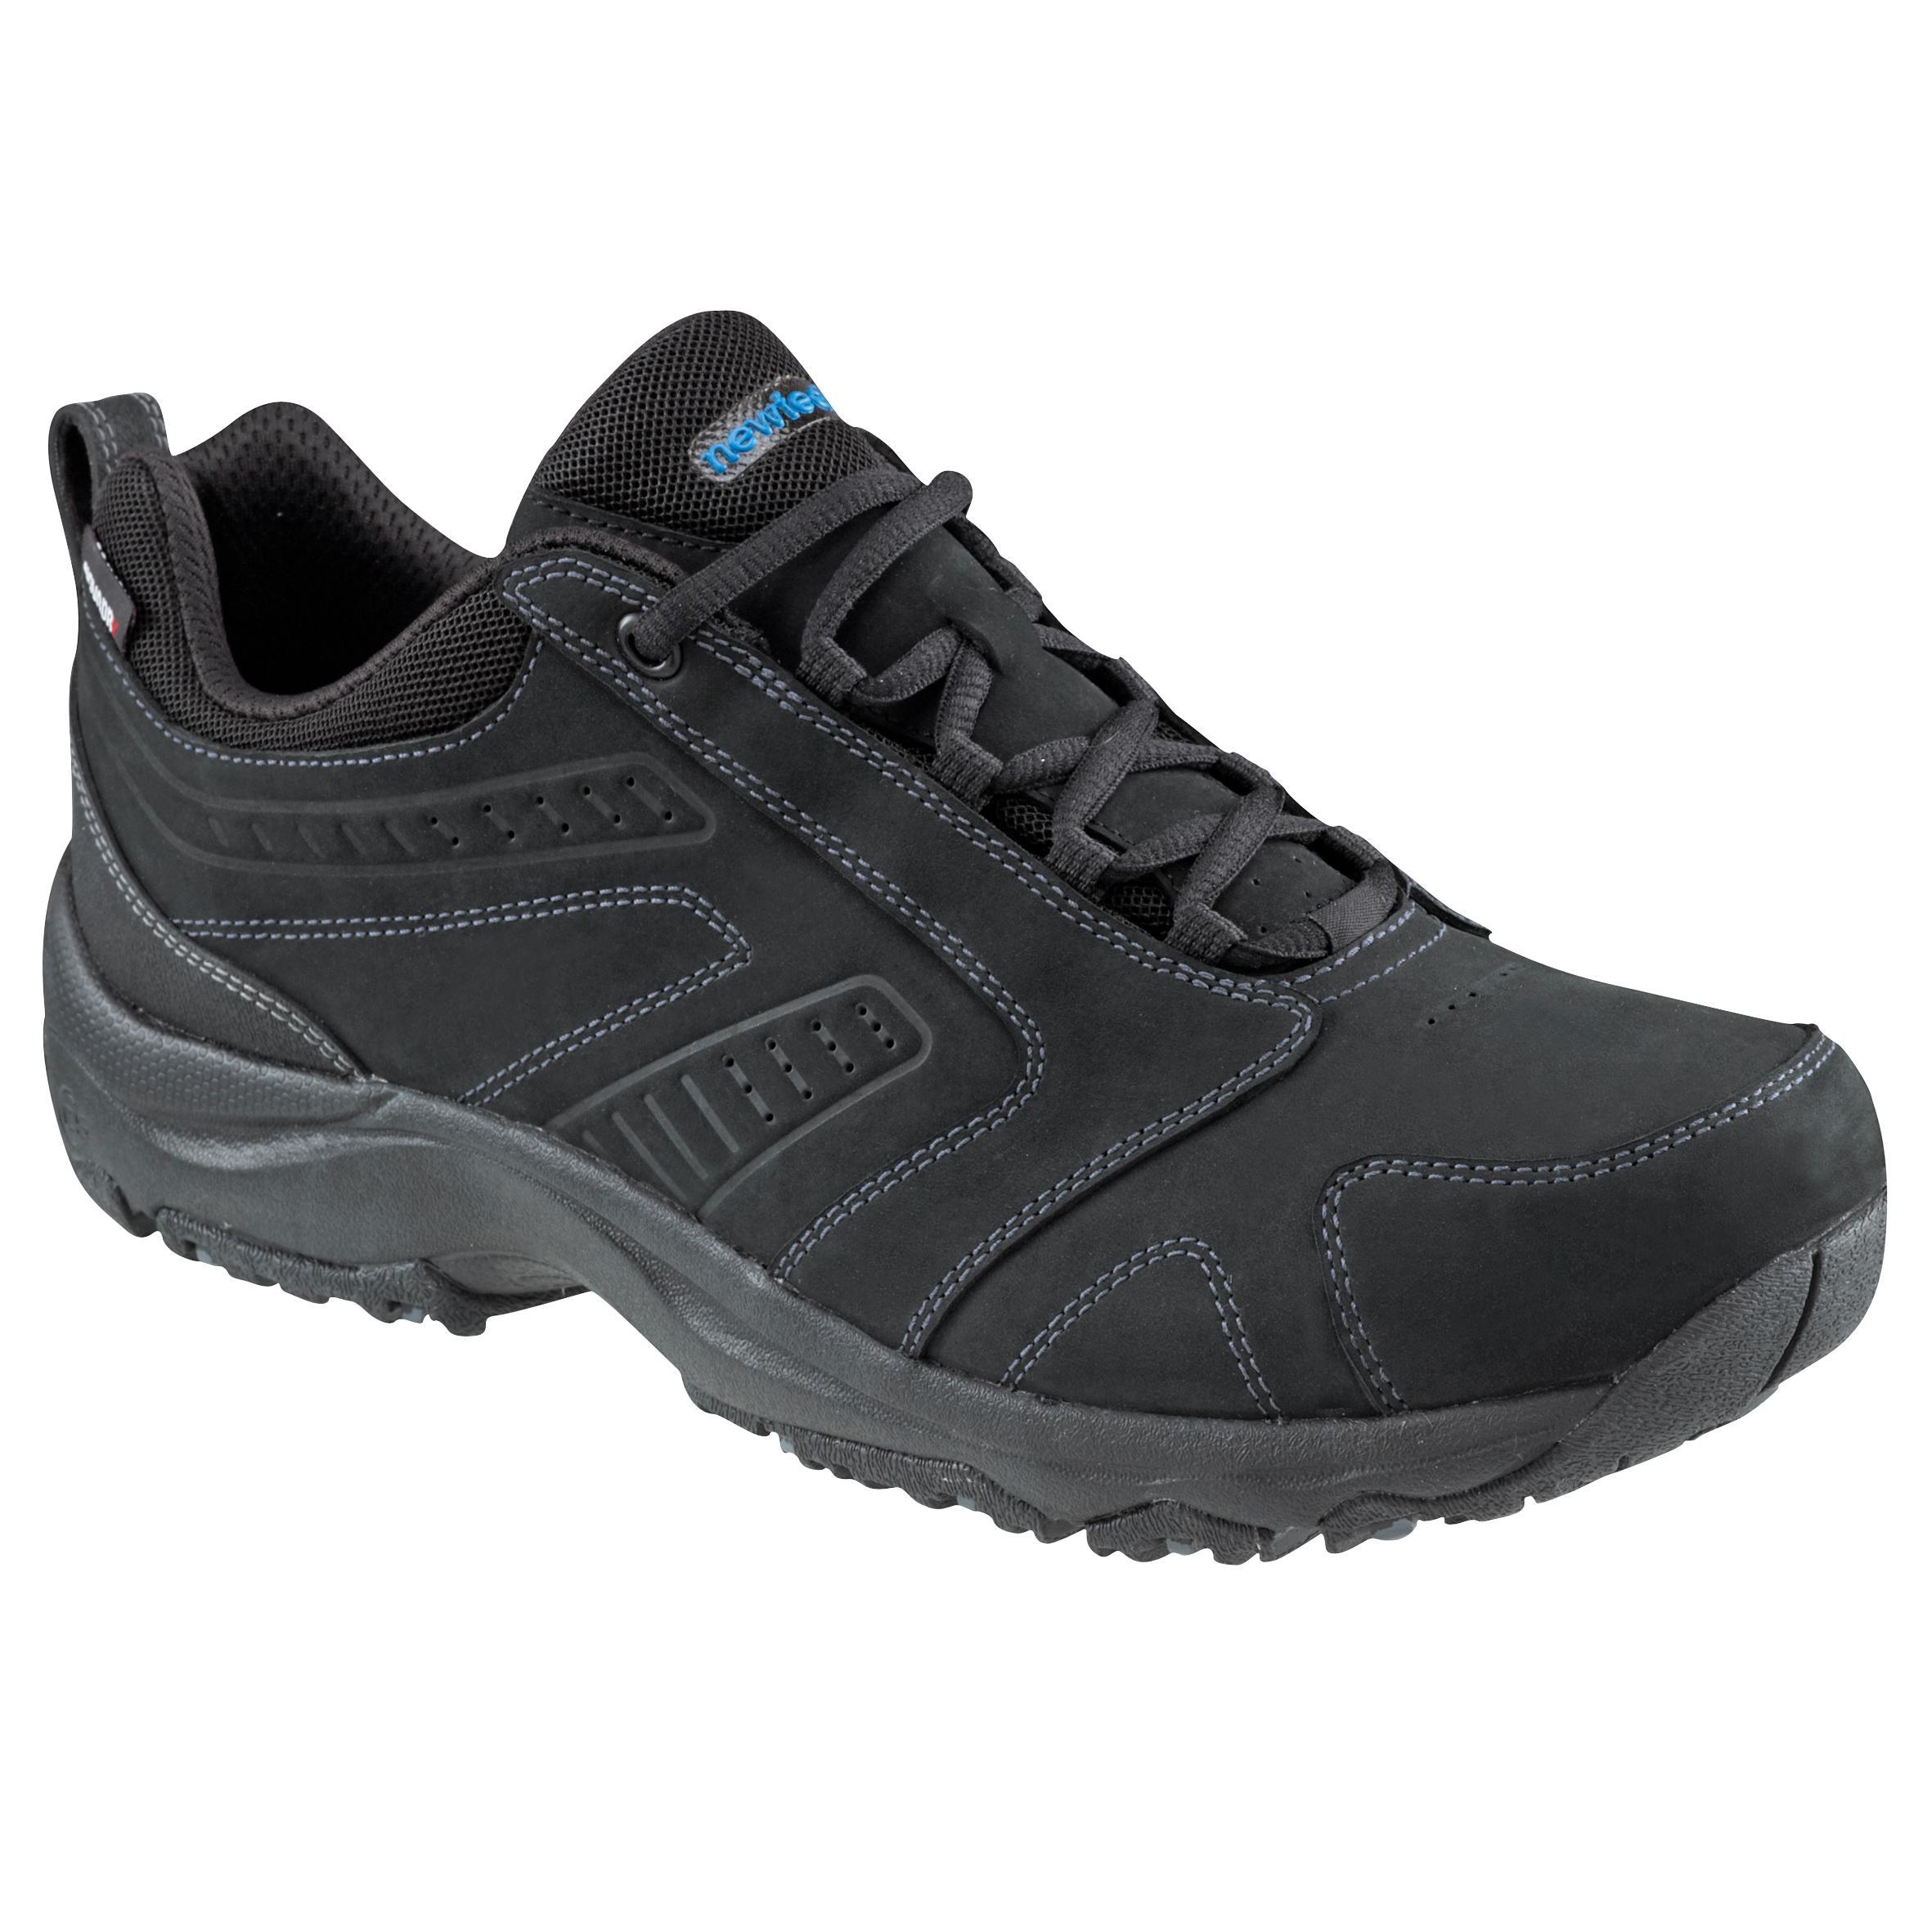 Chaussures de Marche Homme   Decathlon   Decathlon